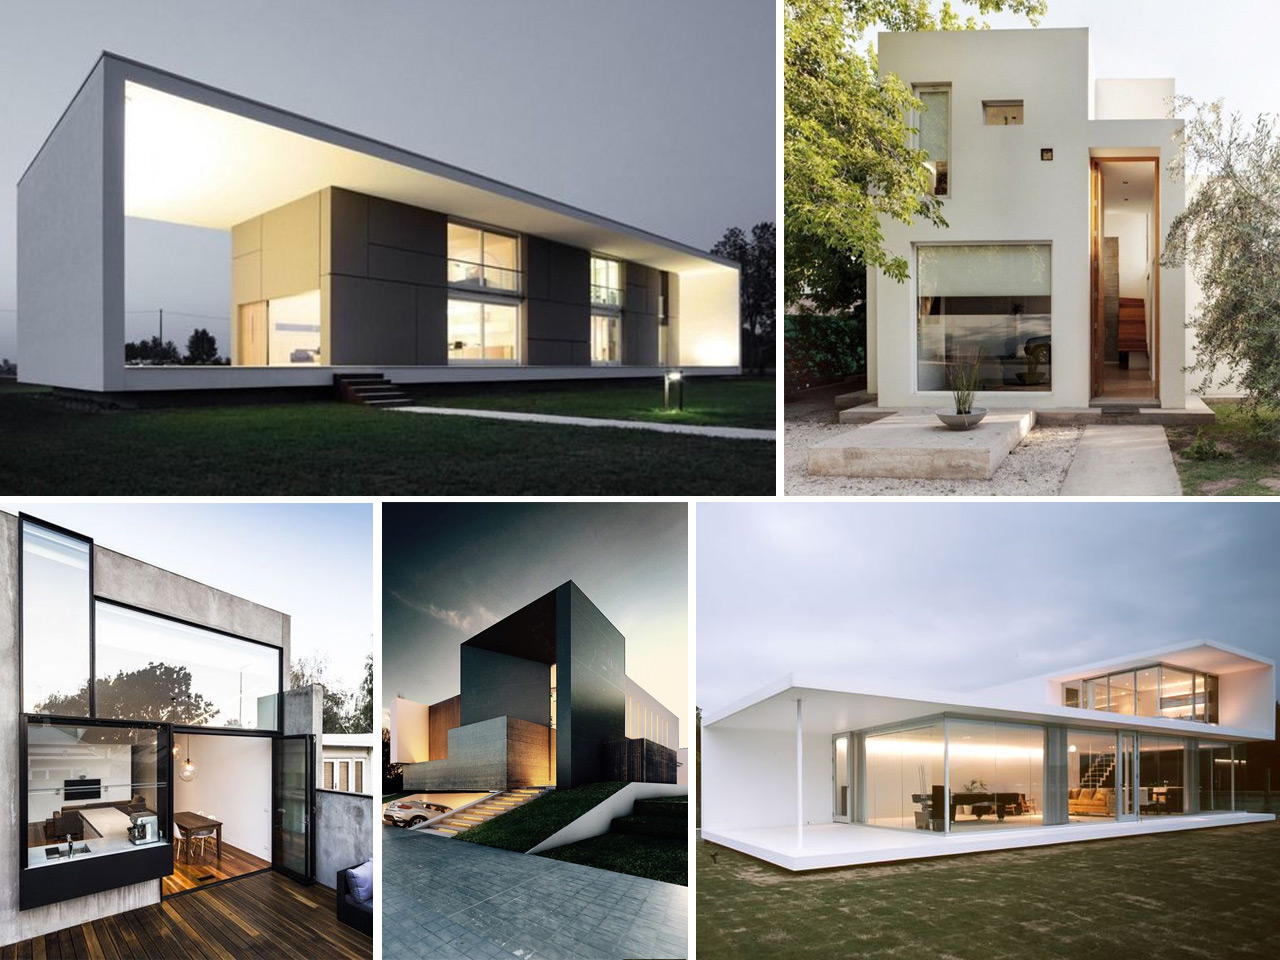 Las 6 claves del dise o de casas minimalistas for Casa tipo minimalista